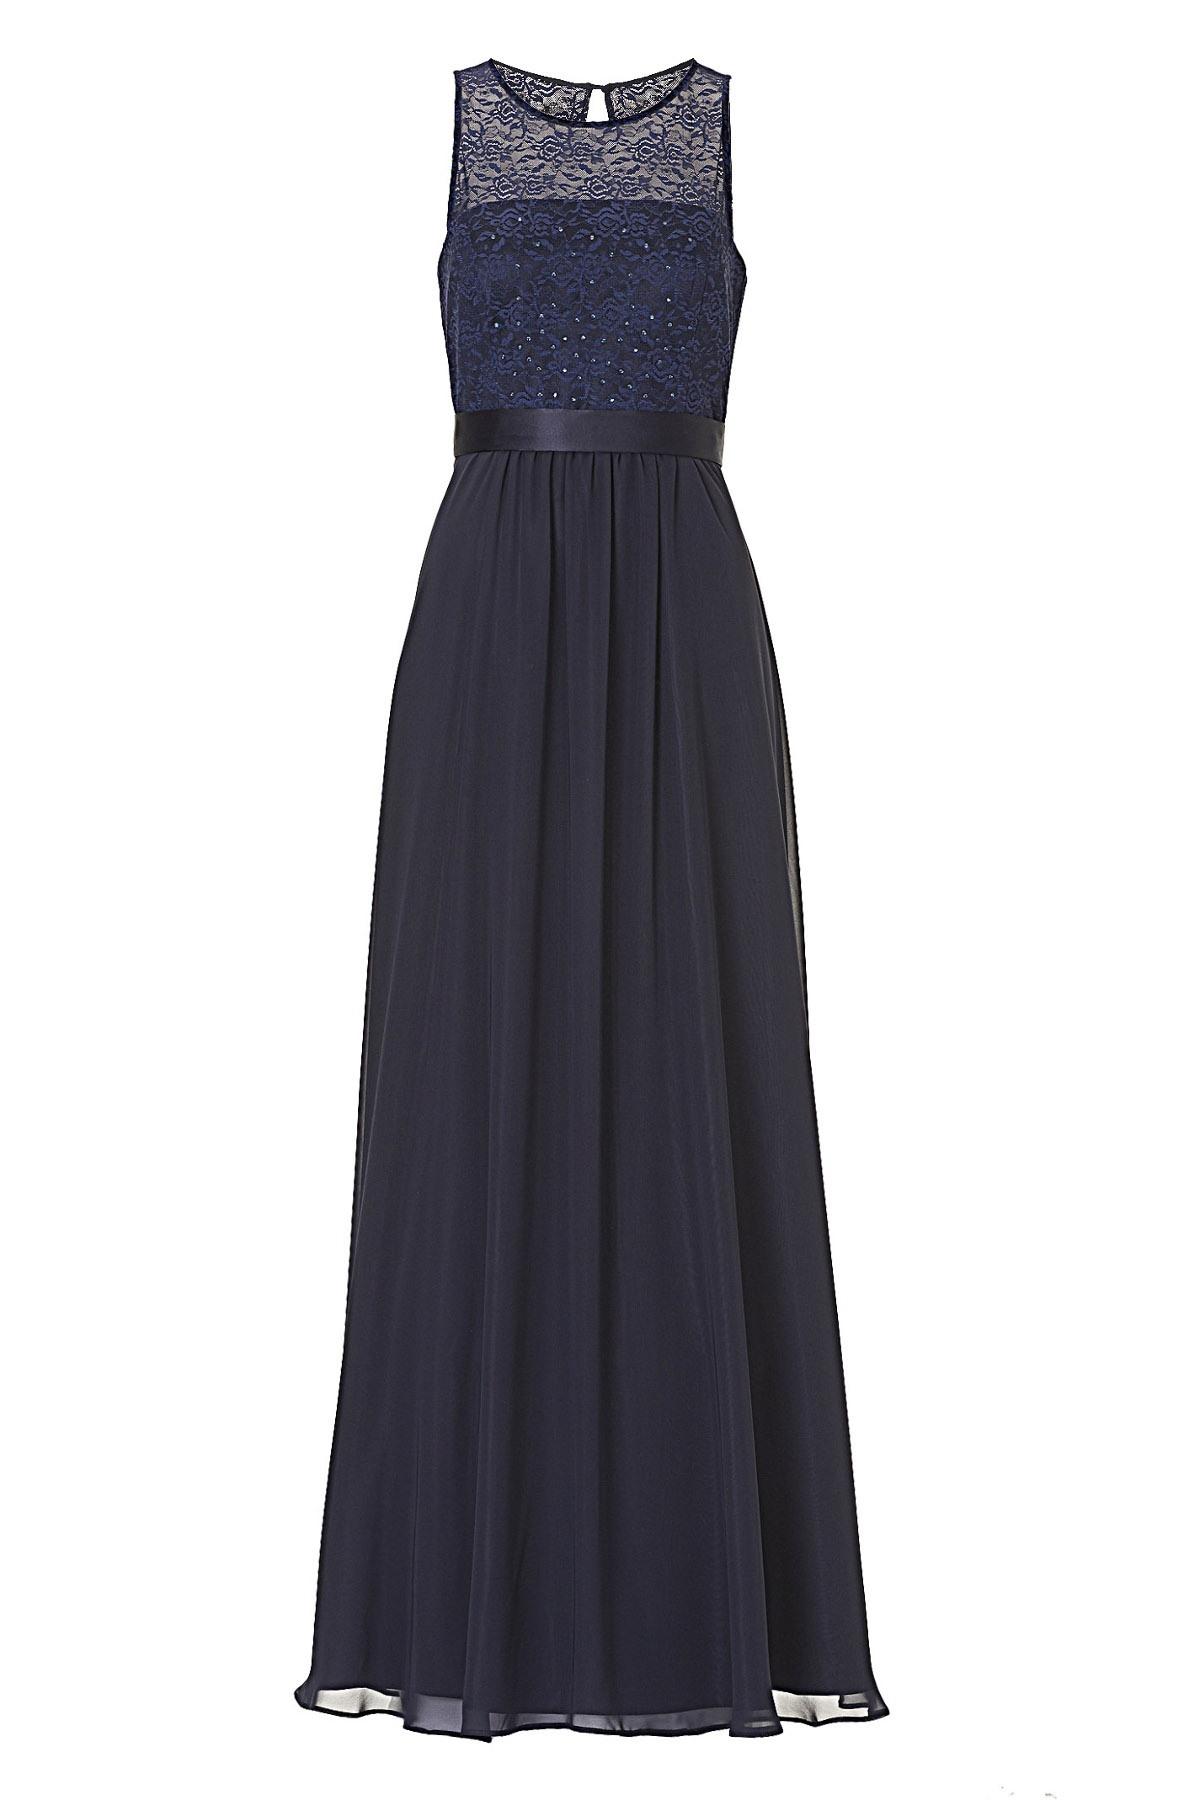 20 Coolste Kleid Blau Mit Spitze Vertrieb Elegant Kleid Blau Mit Spitze Bester Preis